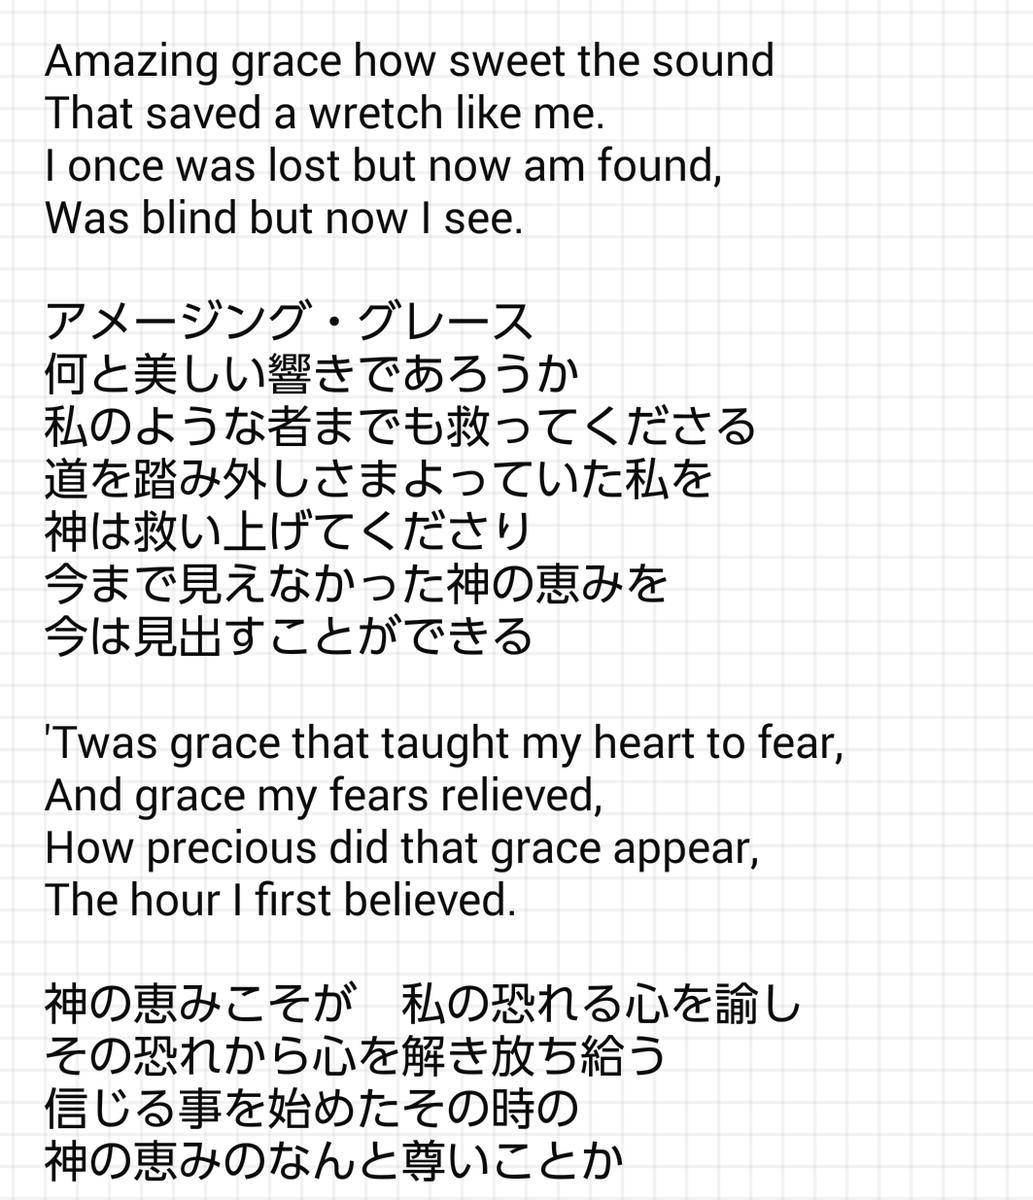 アメイジング グレイス 和訳 アメイジンググレイスの歌詞の意味教えて下さい。